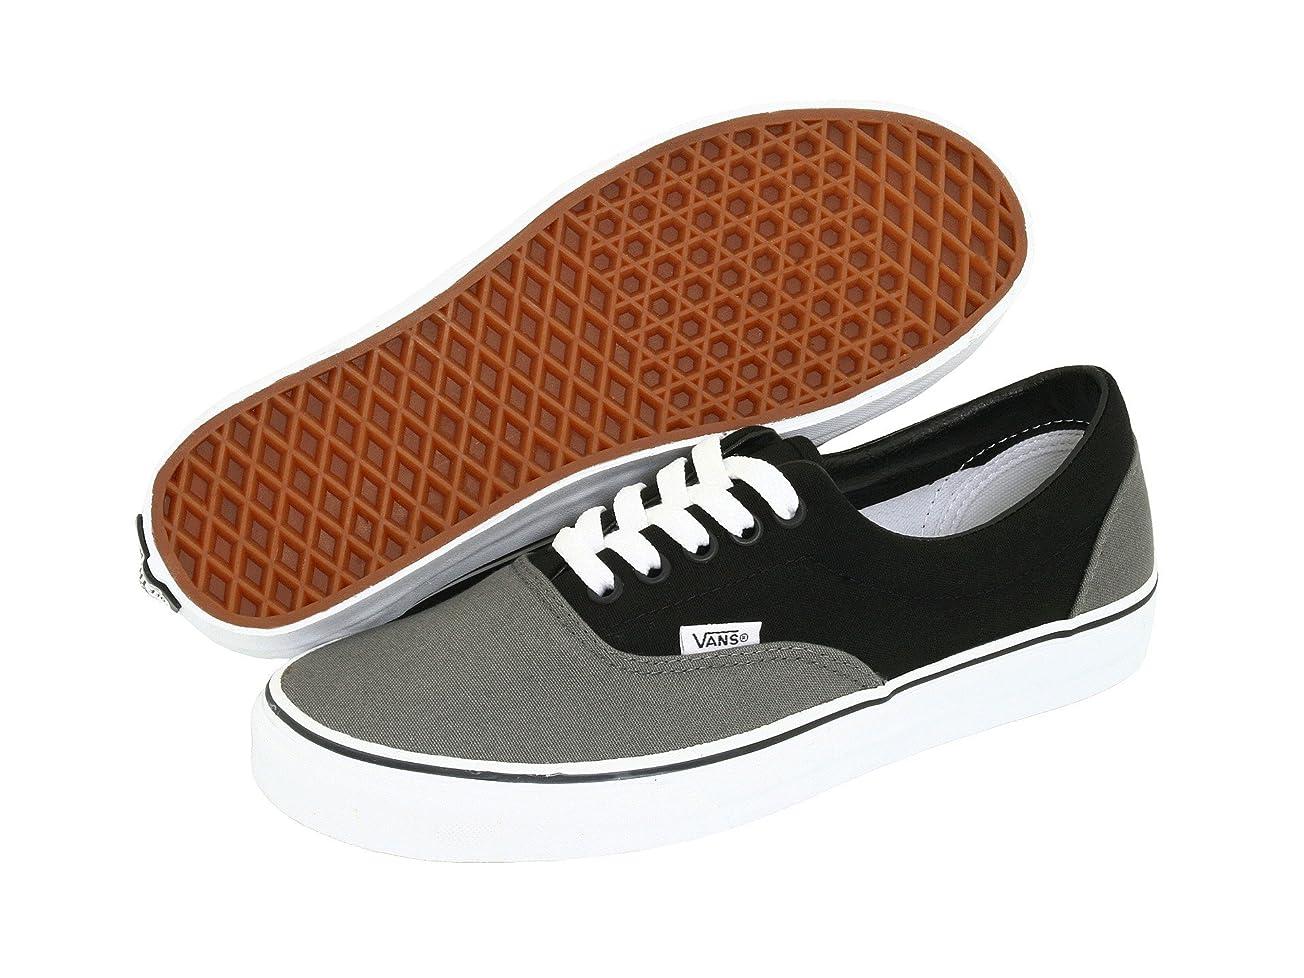 スカープ付属品退屈な(バンズ) VANS メンズスニーカー?靴 Era Core Classics Pewter/Black/Metal Crush/Nappa Wax Men's 4.5, Women's 6 (22.5cm(レディース23cm)) Medium